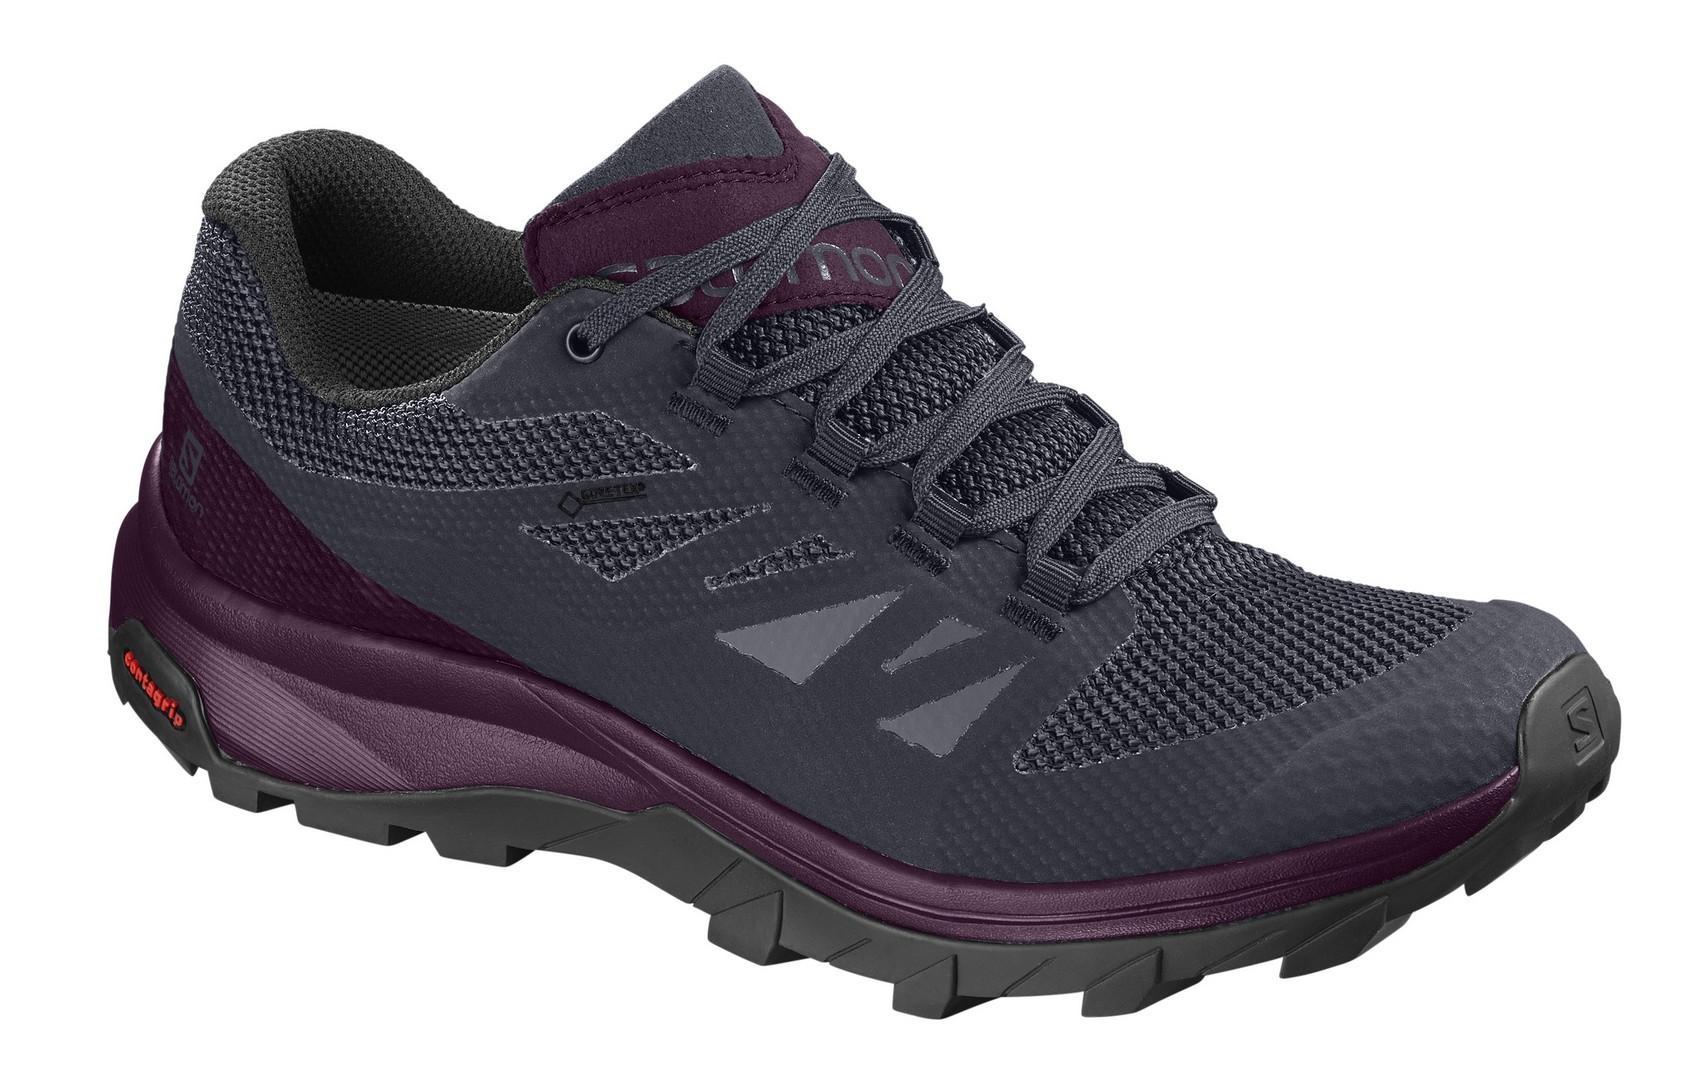 Salomon OUTLINE GTX® W, planinarske cipele, ljubičasta